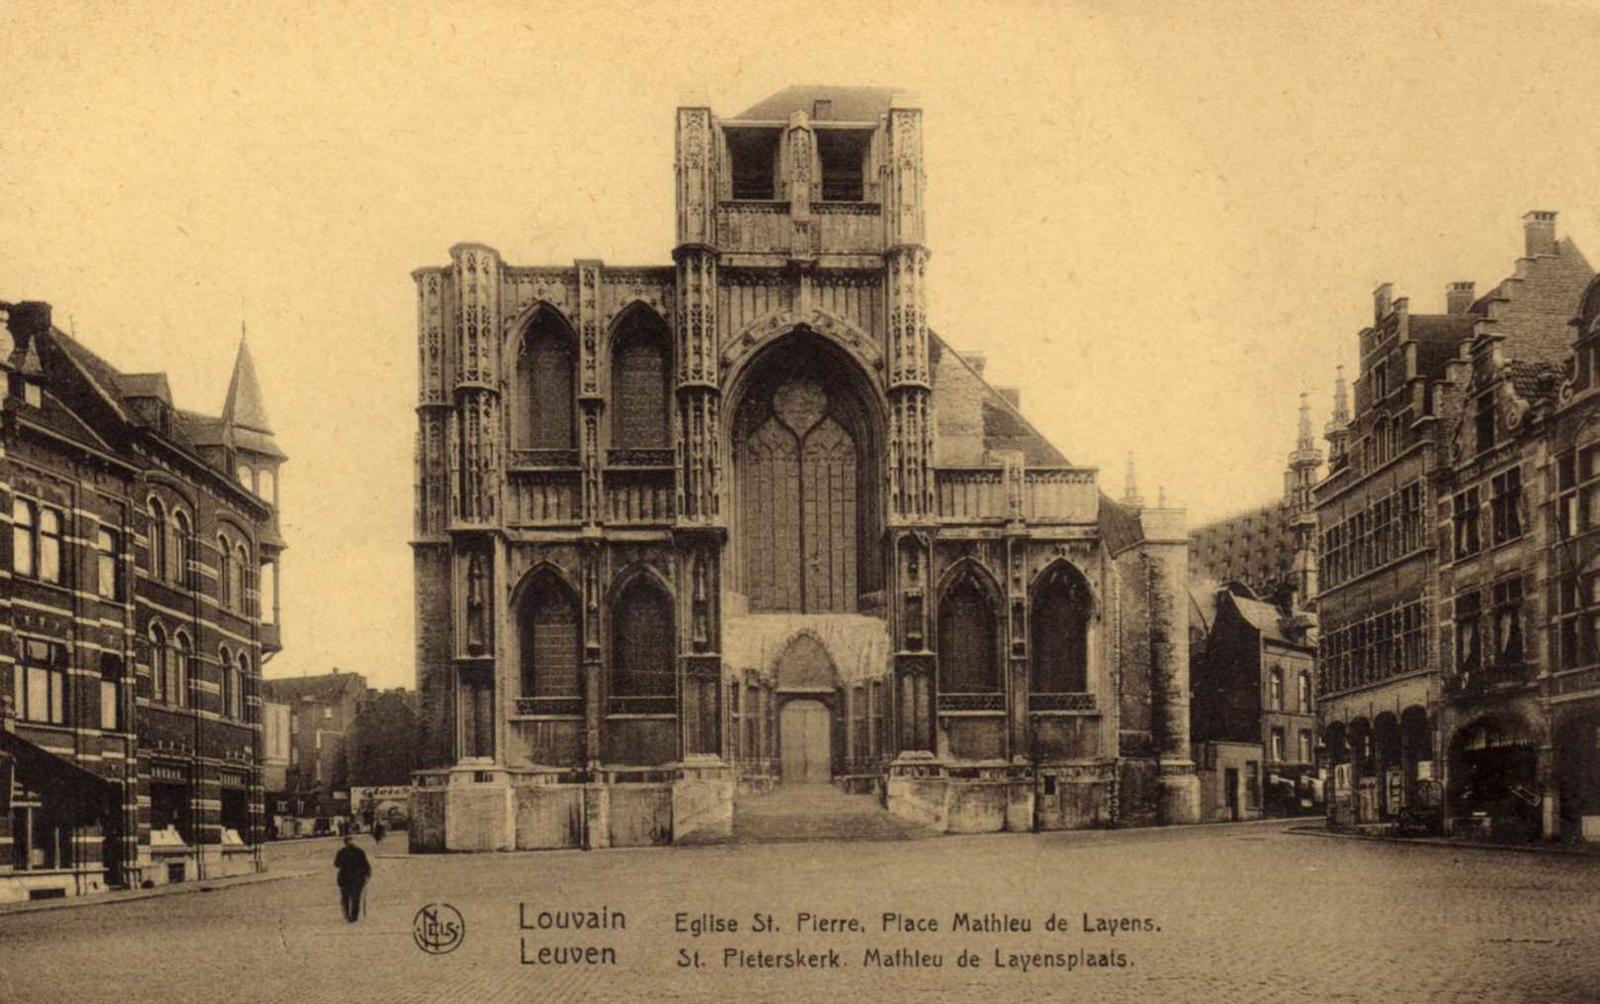 Louvain - Eglise St-Pierre, Place Mathieu de Layens